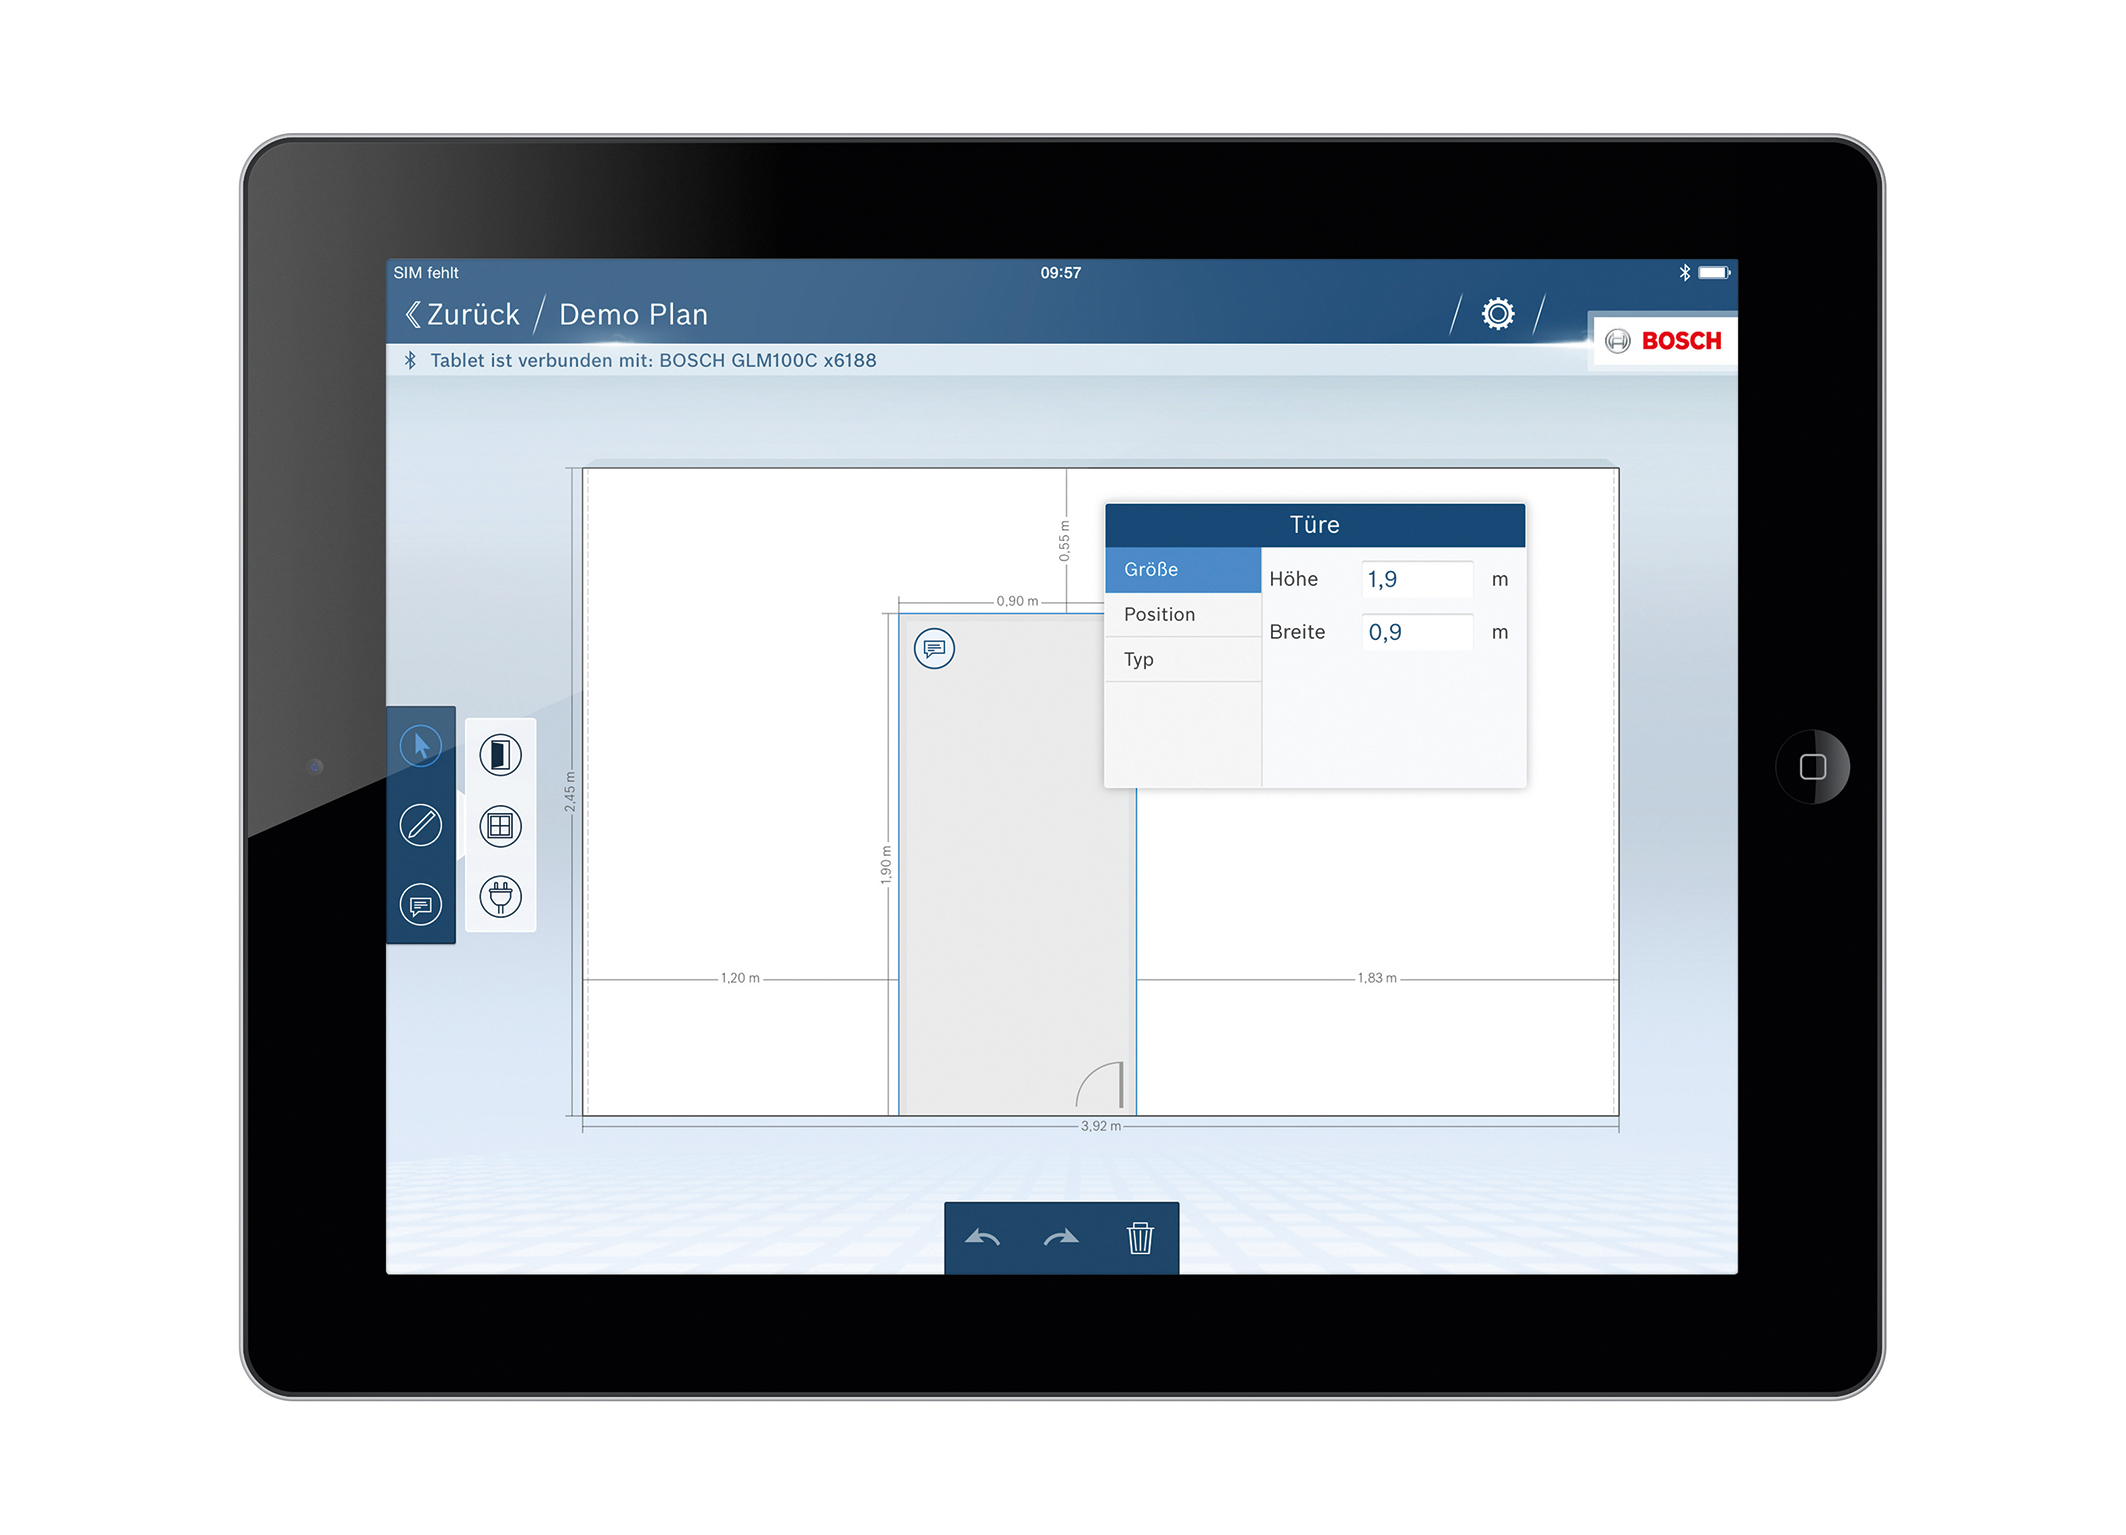 Bosch Entfernungsmesser Software : Die glm floor plan app von bosch für profis media service